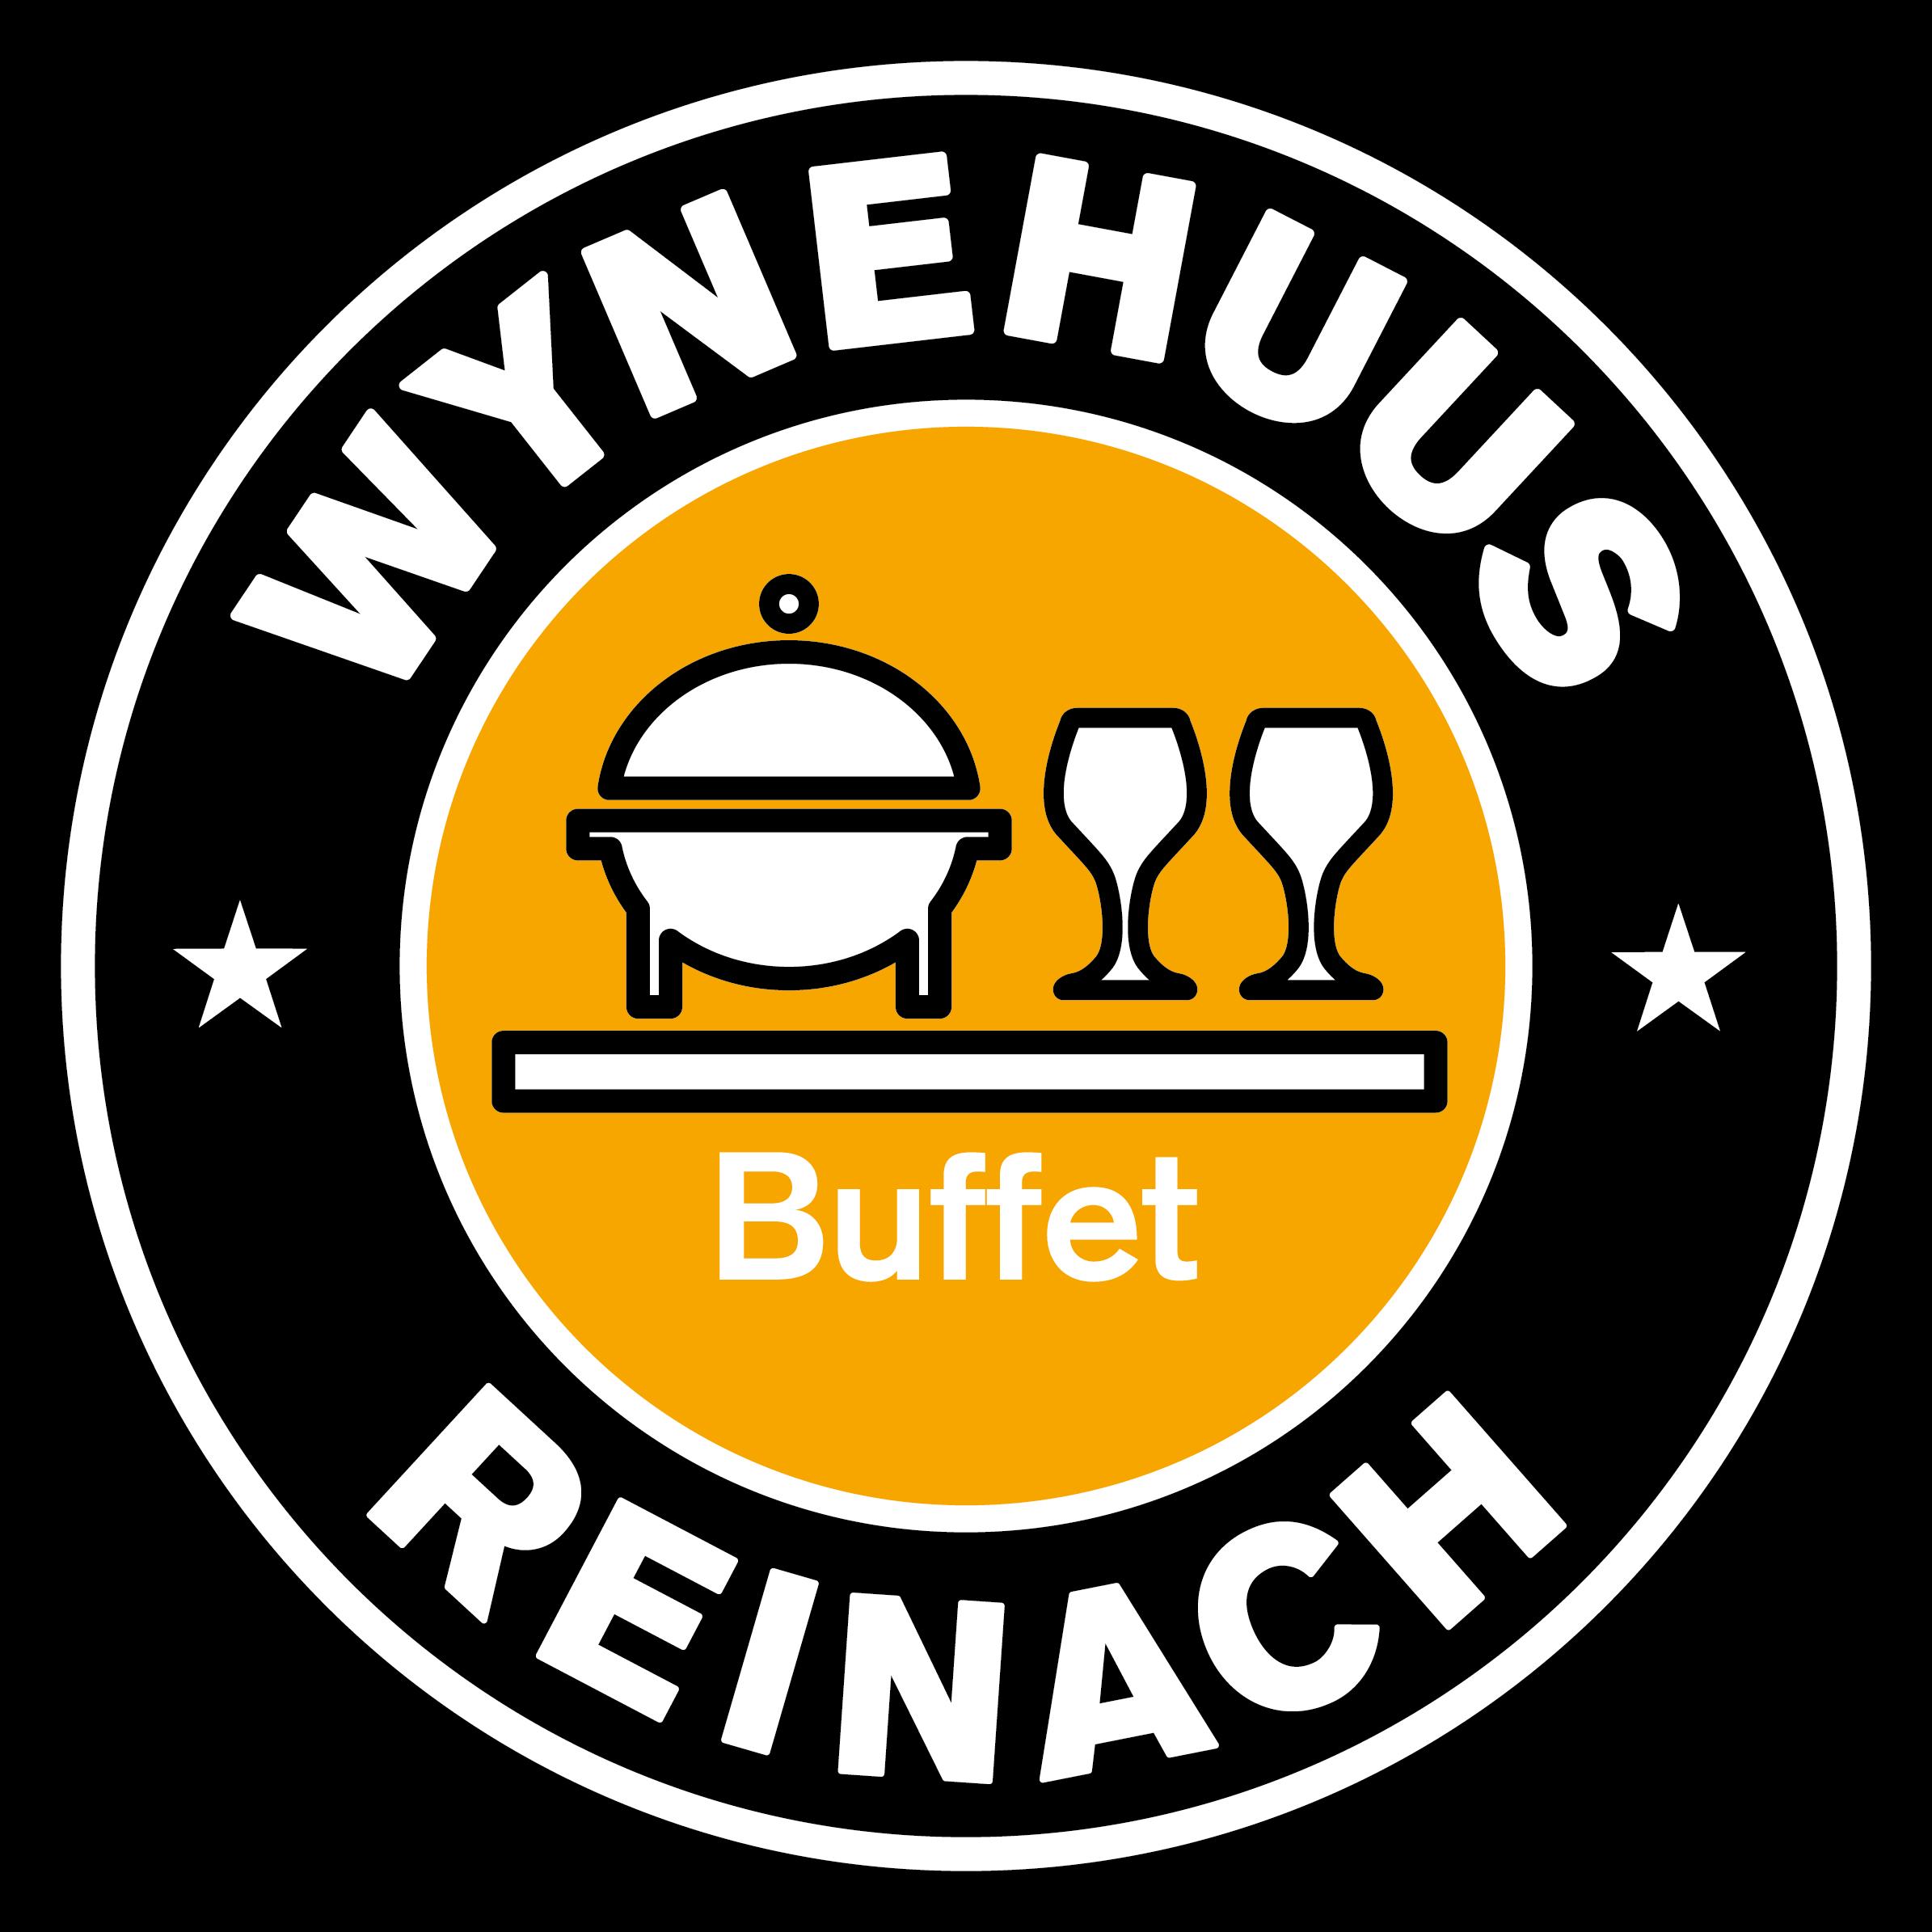 Wynehuus_Buffet